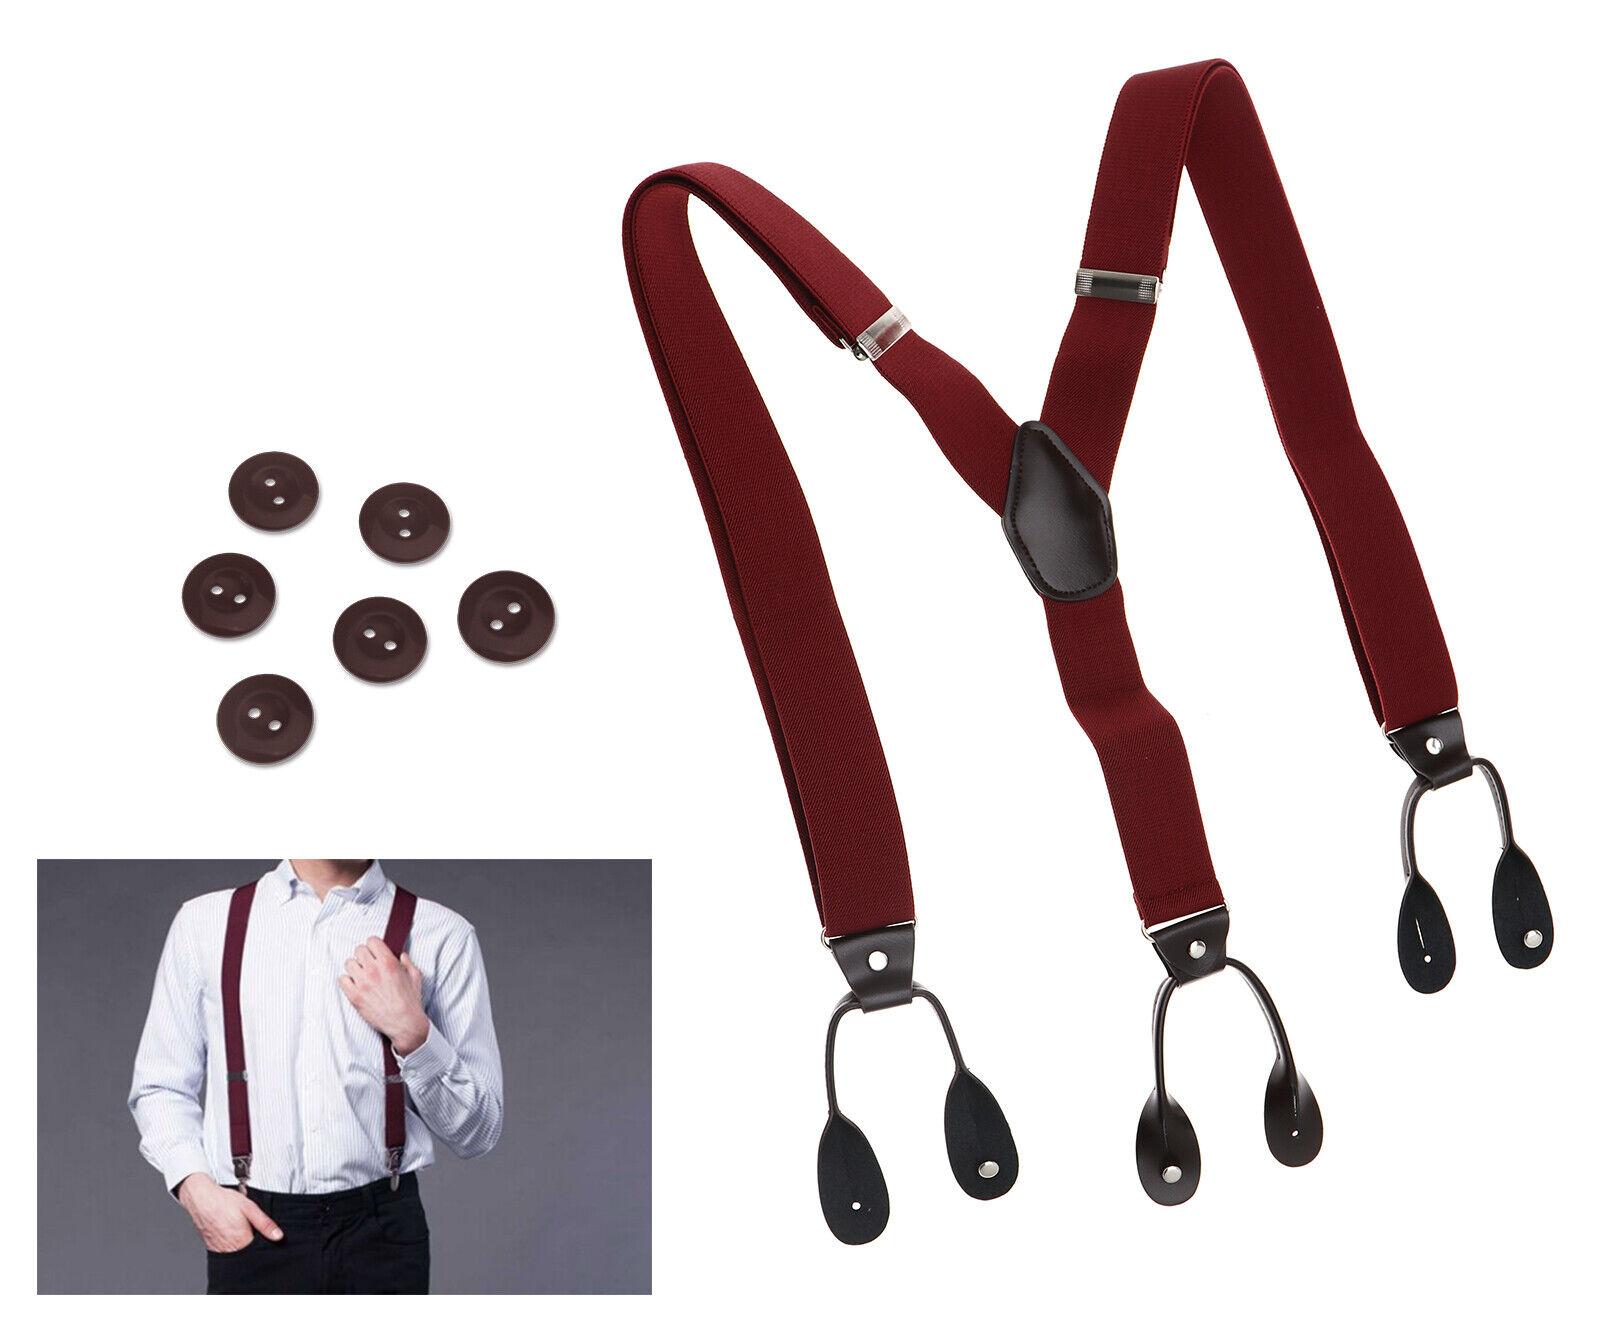 Verstellbare elastische Hosenträger mit Klammern 6-Knopf-Gürtel-Clip-On Weinrot